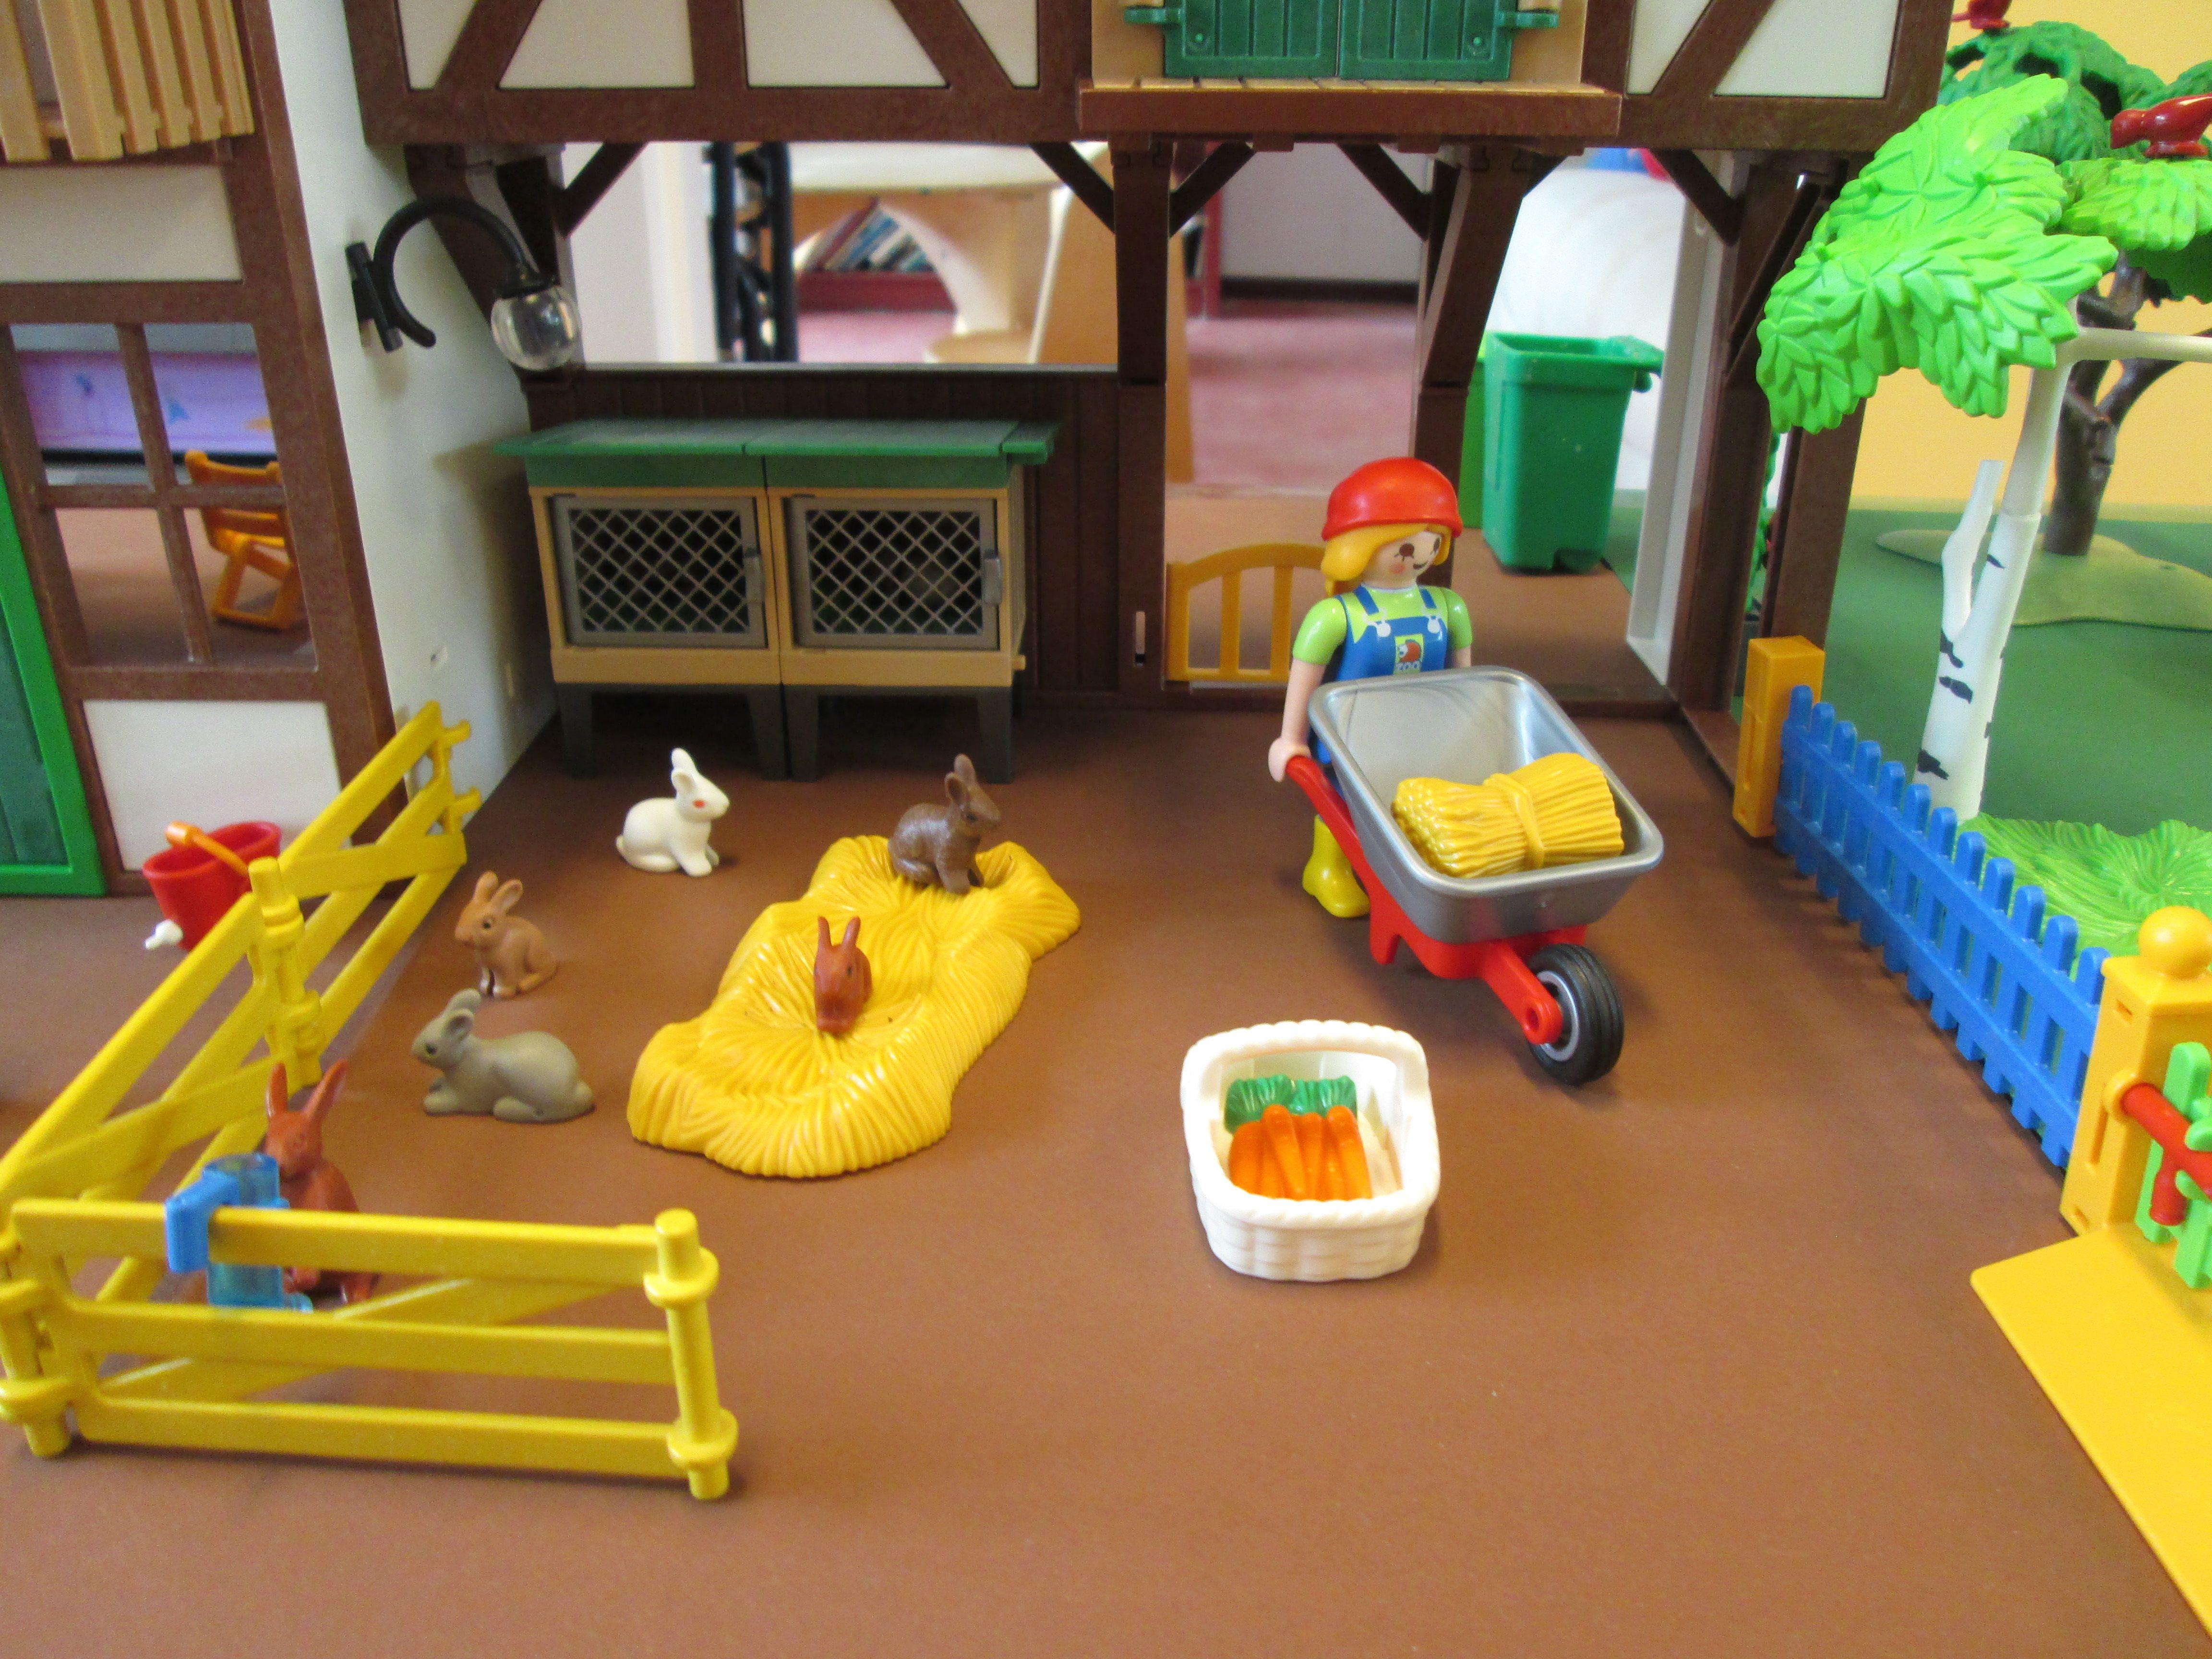 Kinderboerderij speeltafel gemaakt met playmobil. De konijnen ...